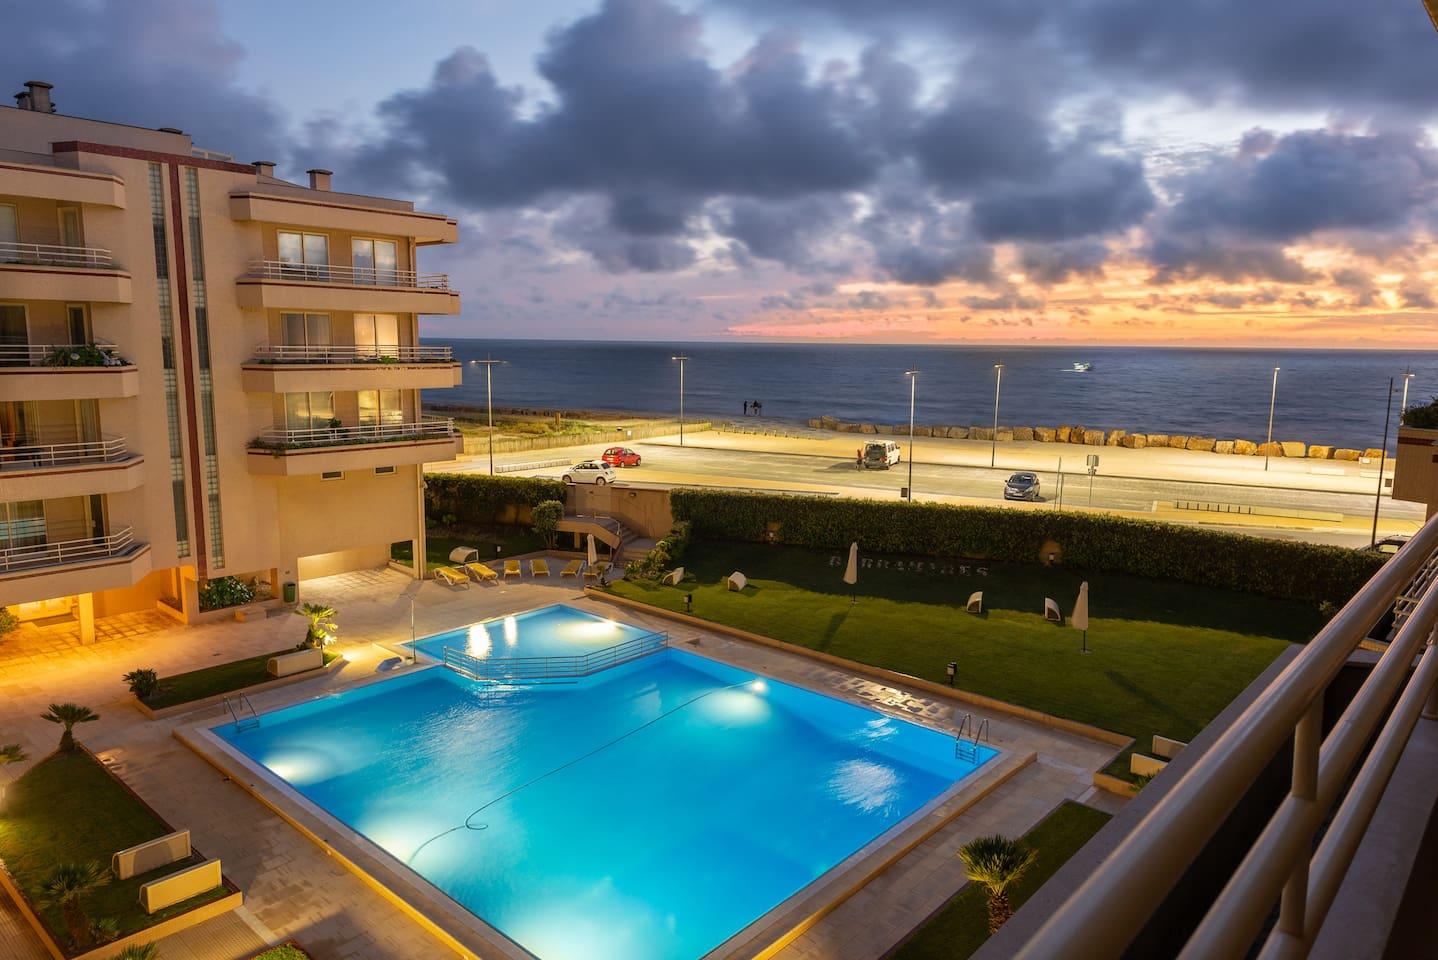 Vista da varanda da Sala de estar/jantar para a Piscina exterior e o mar. Piscina gratuita aberta todo o ano